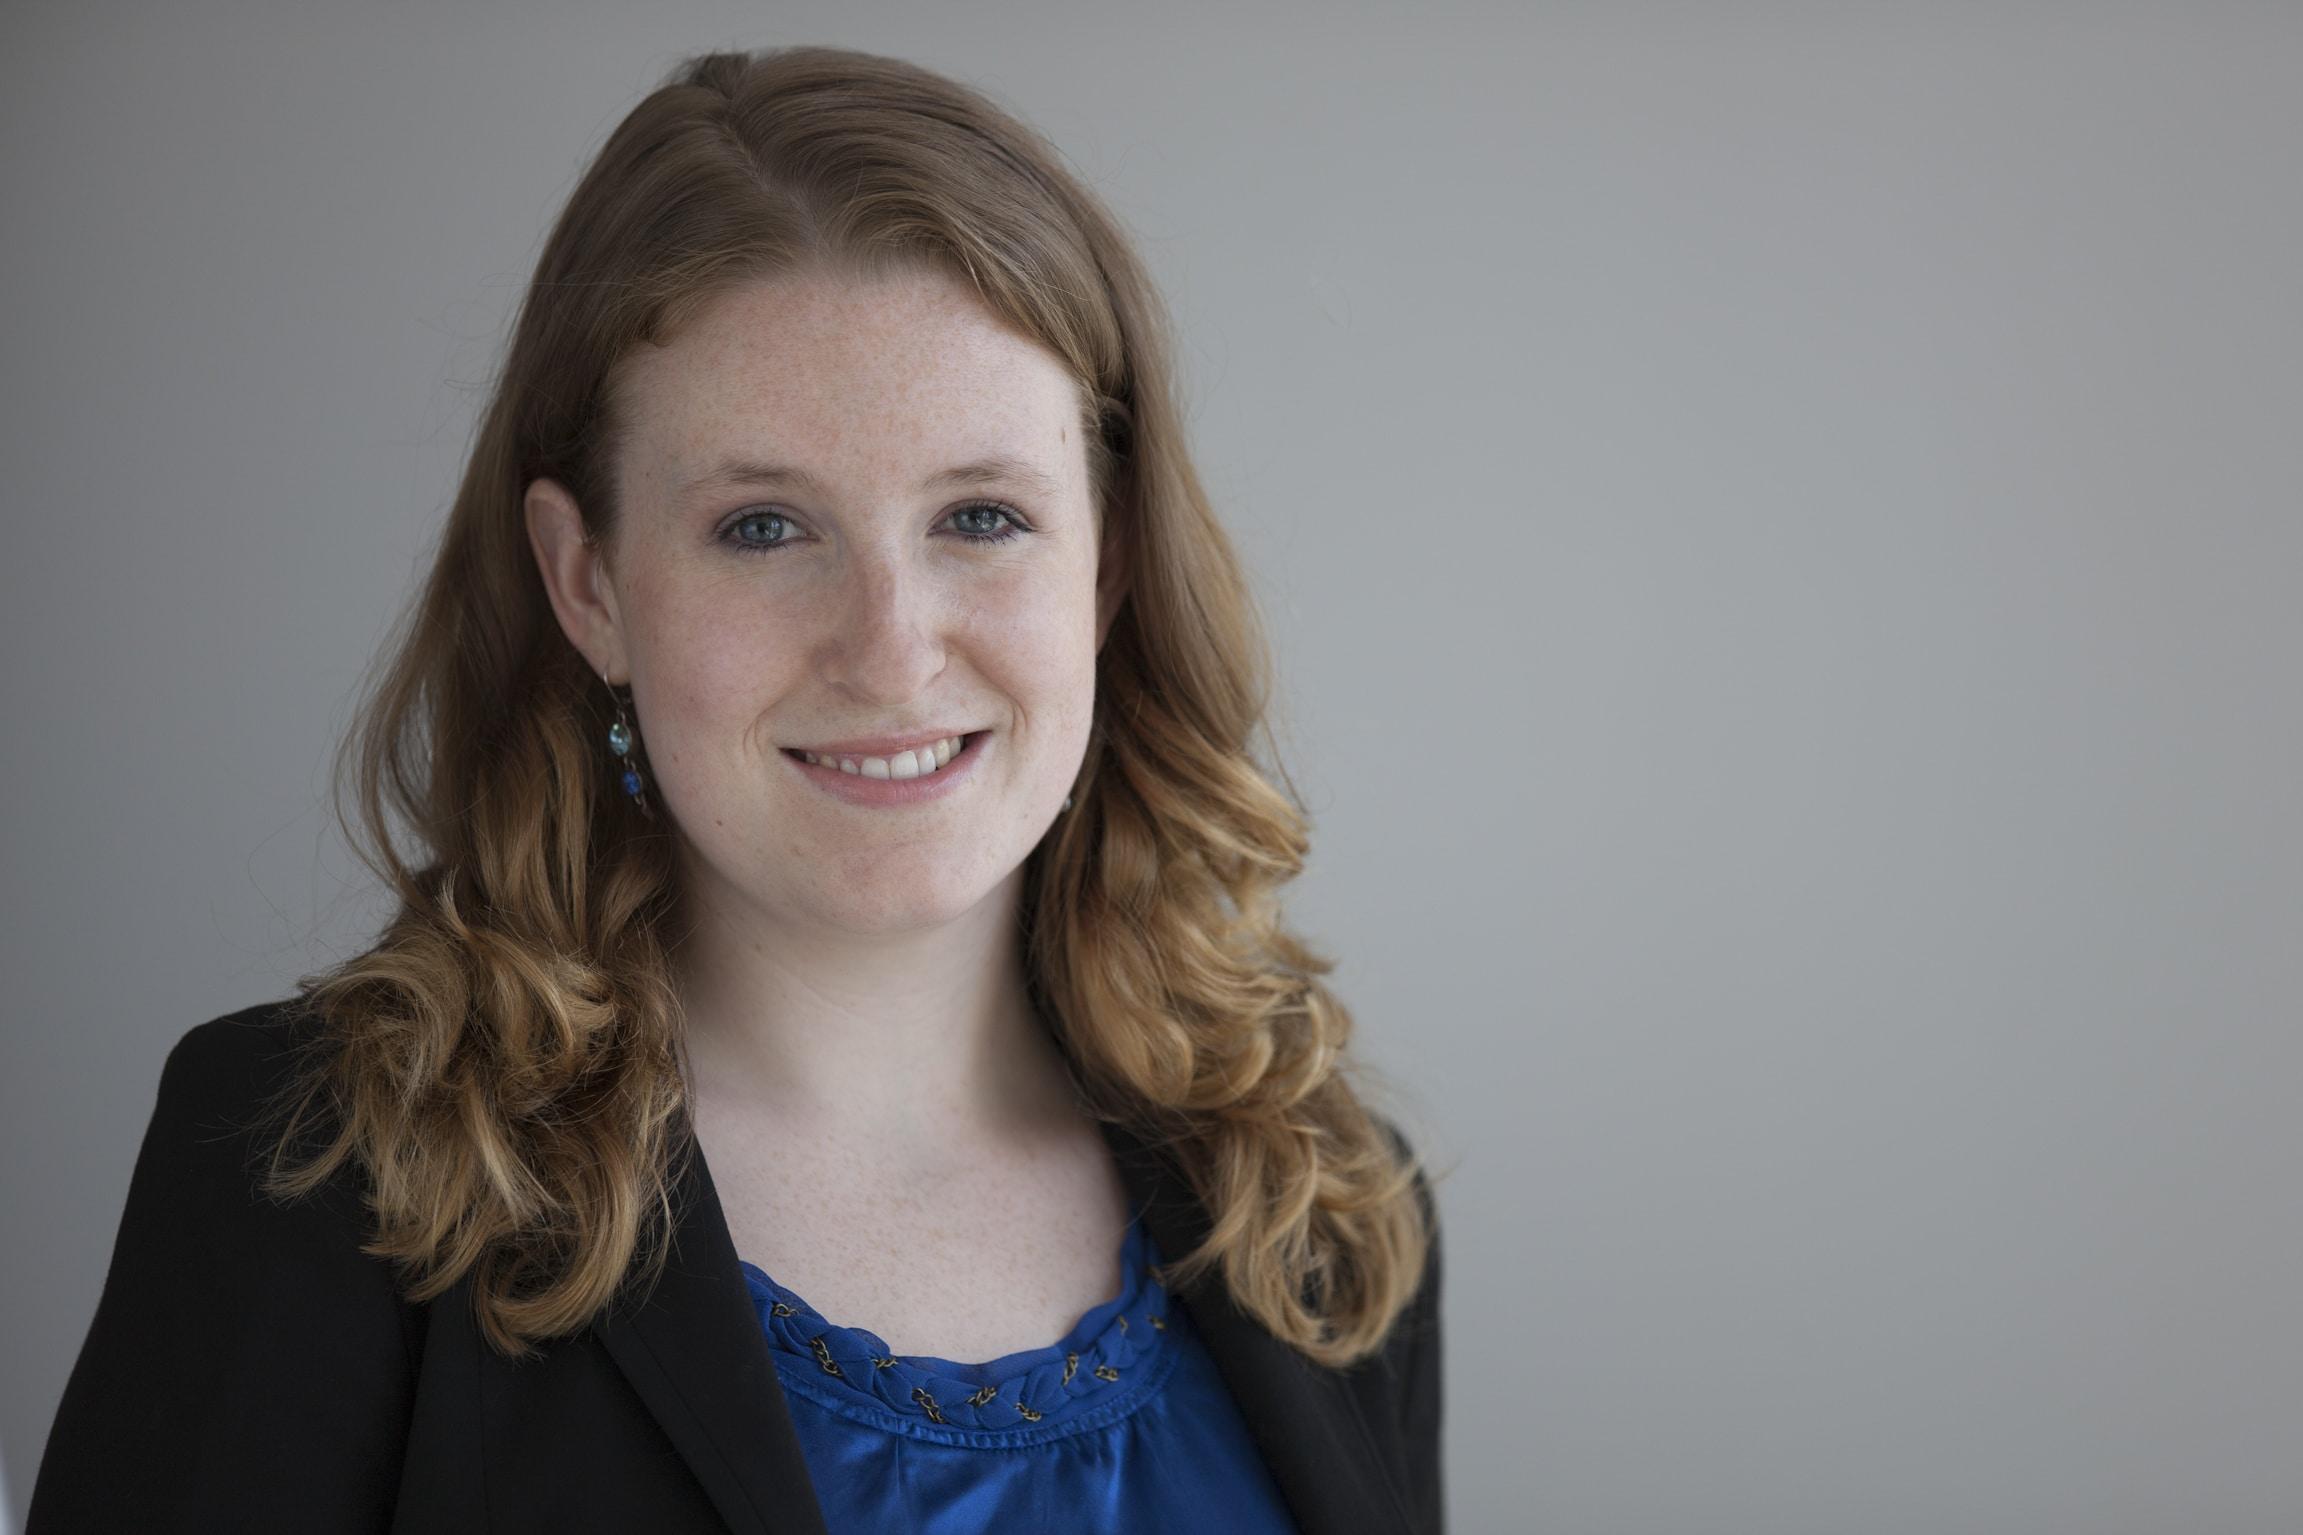 Annabelle Atchison spricht sich gegen die Trennung von privaten und beruflichen Online-Profilen aus (c) AlexSchelbert.de